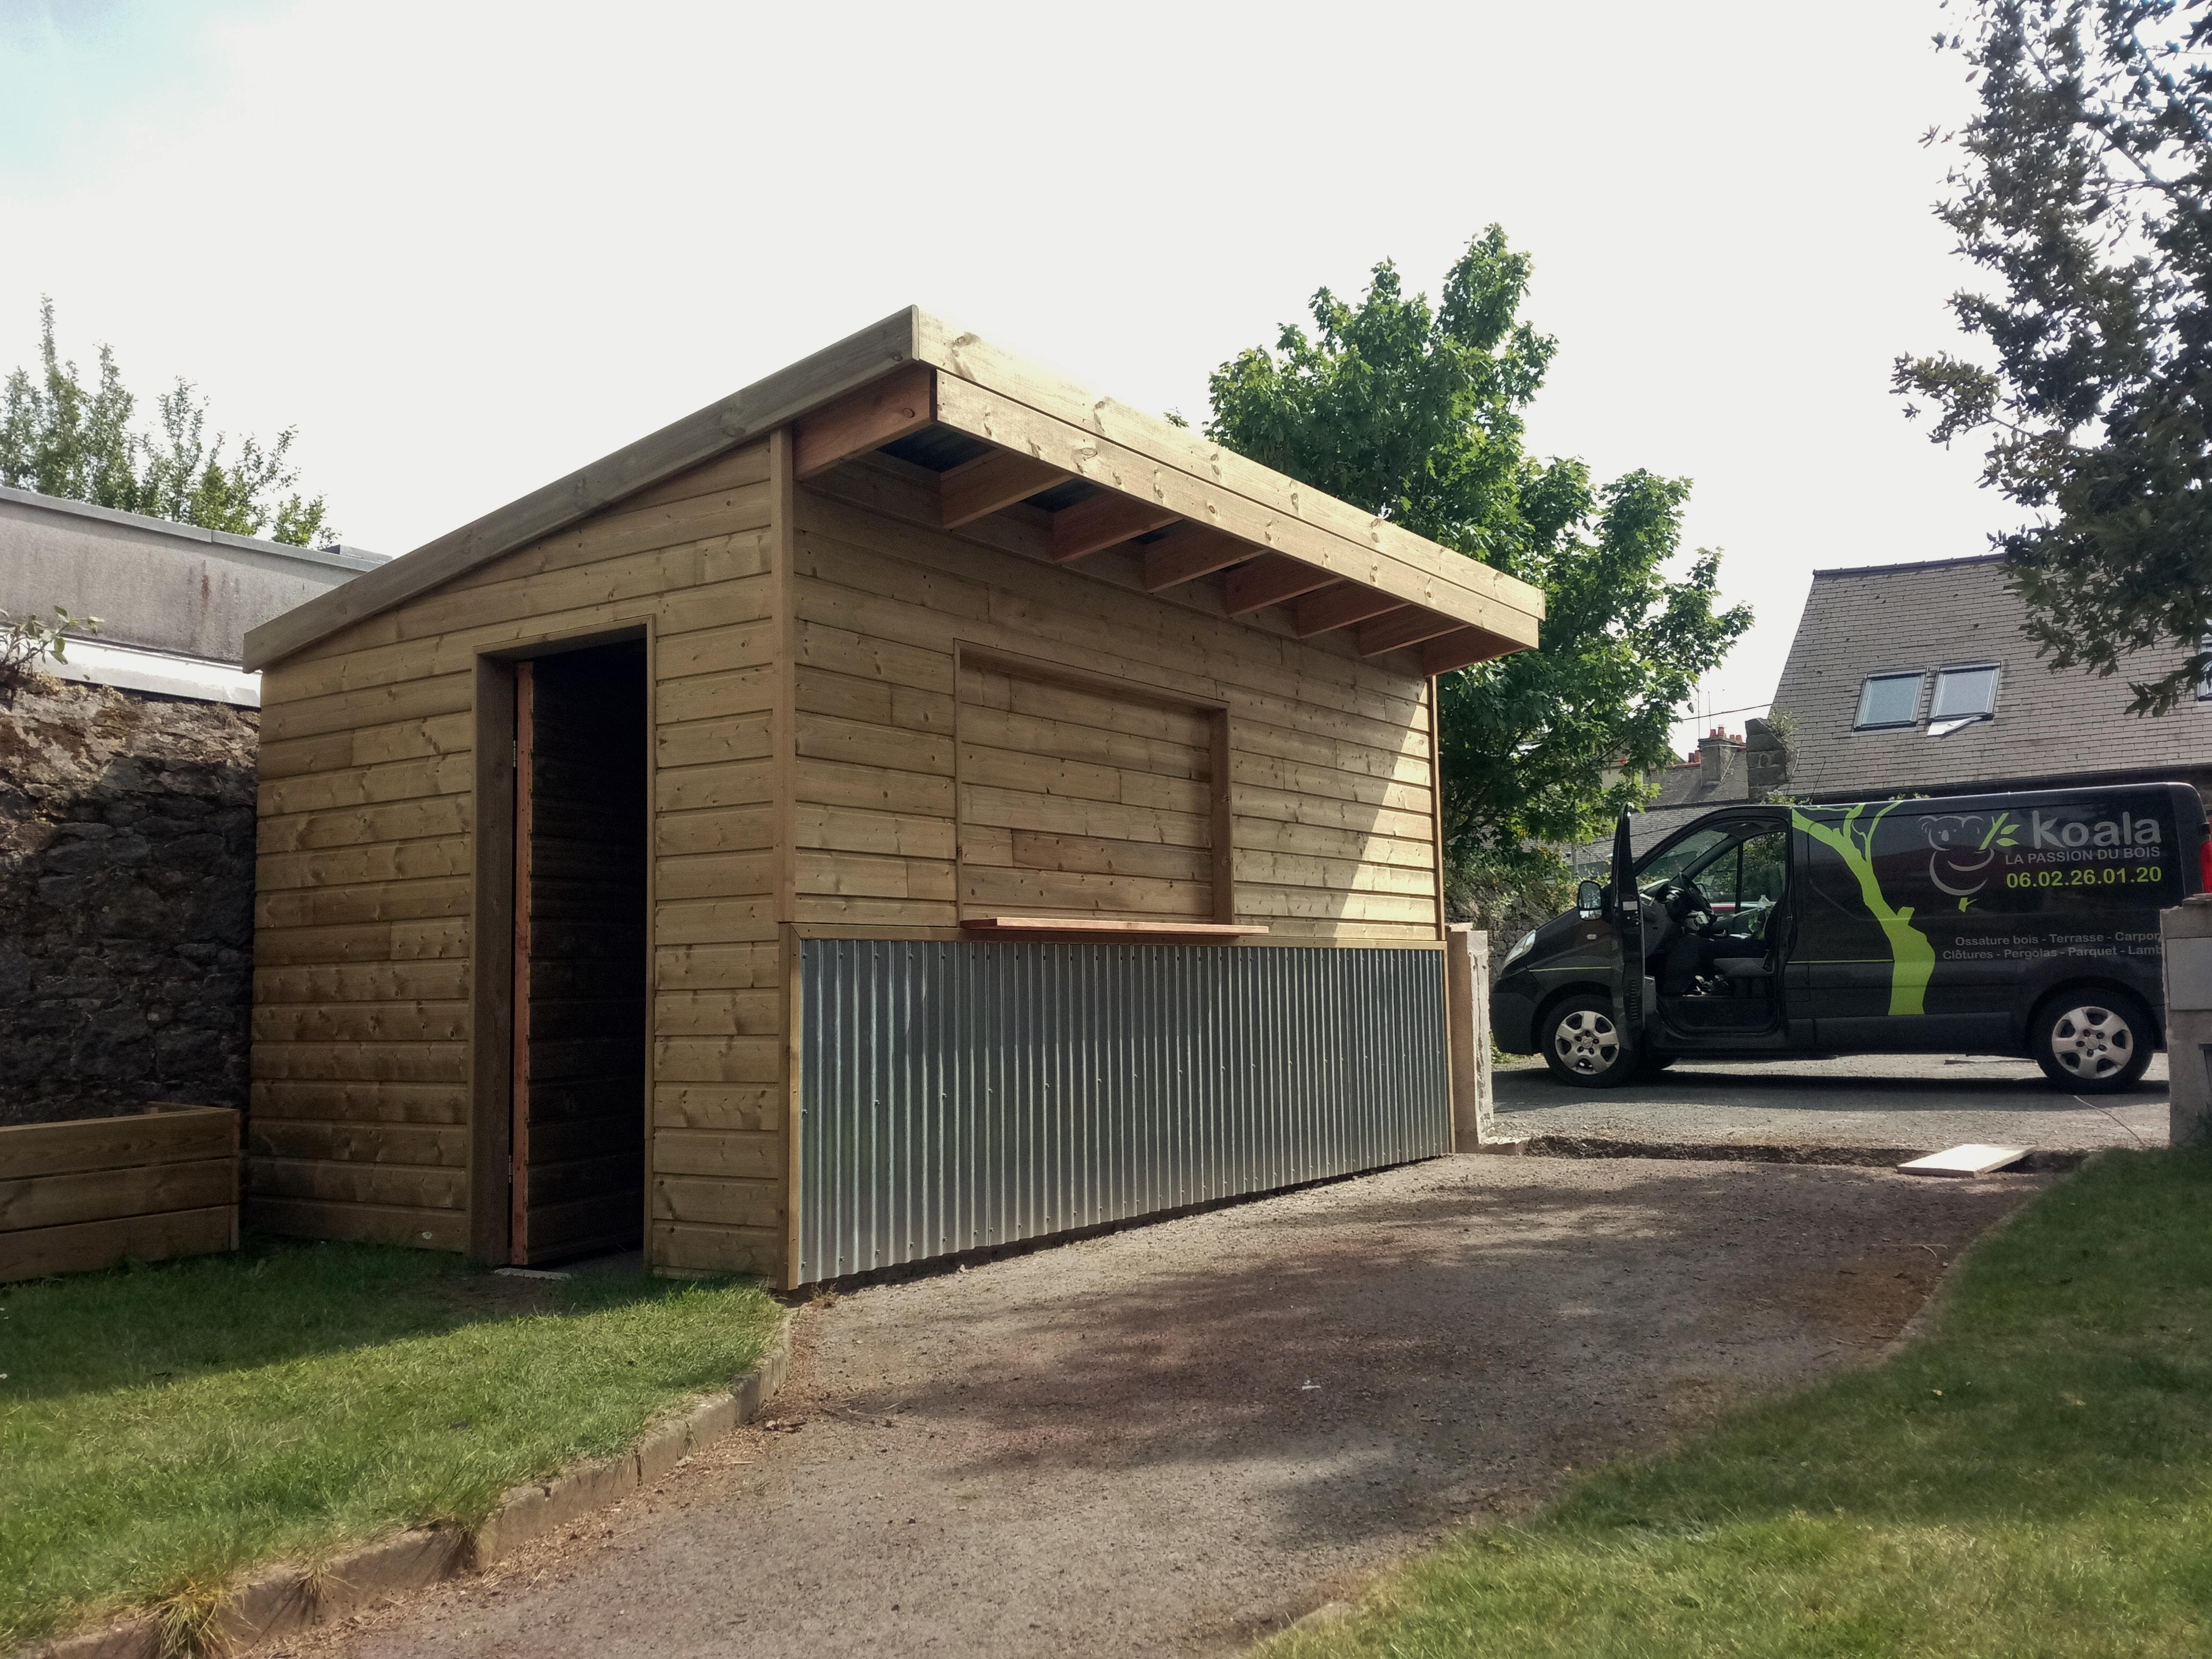 Abri de jardin fa on baraque frites koala - Baraque de jardin ...